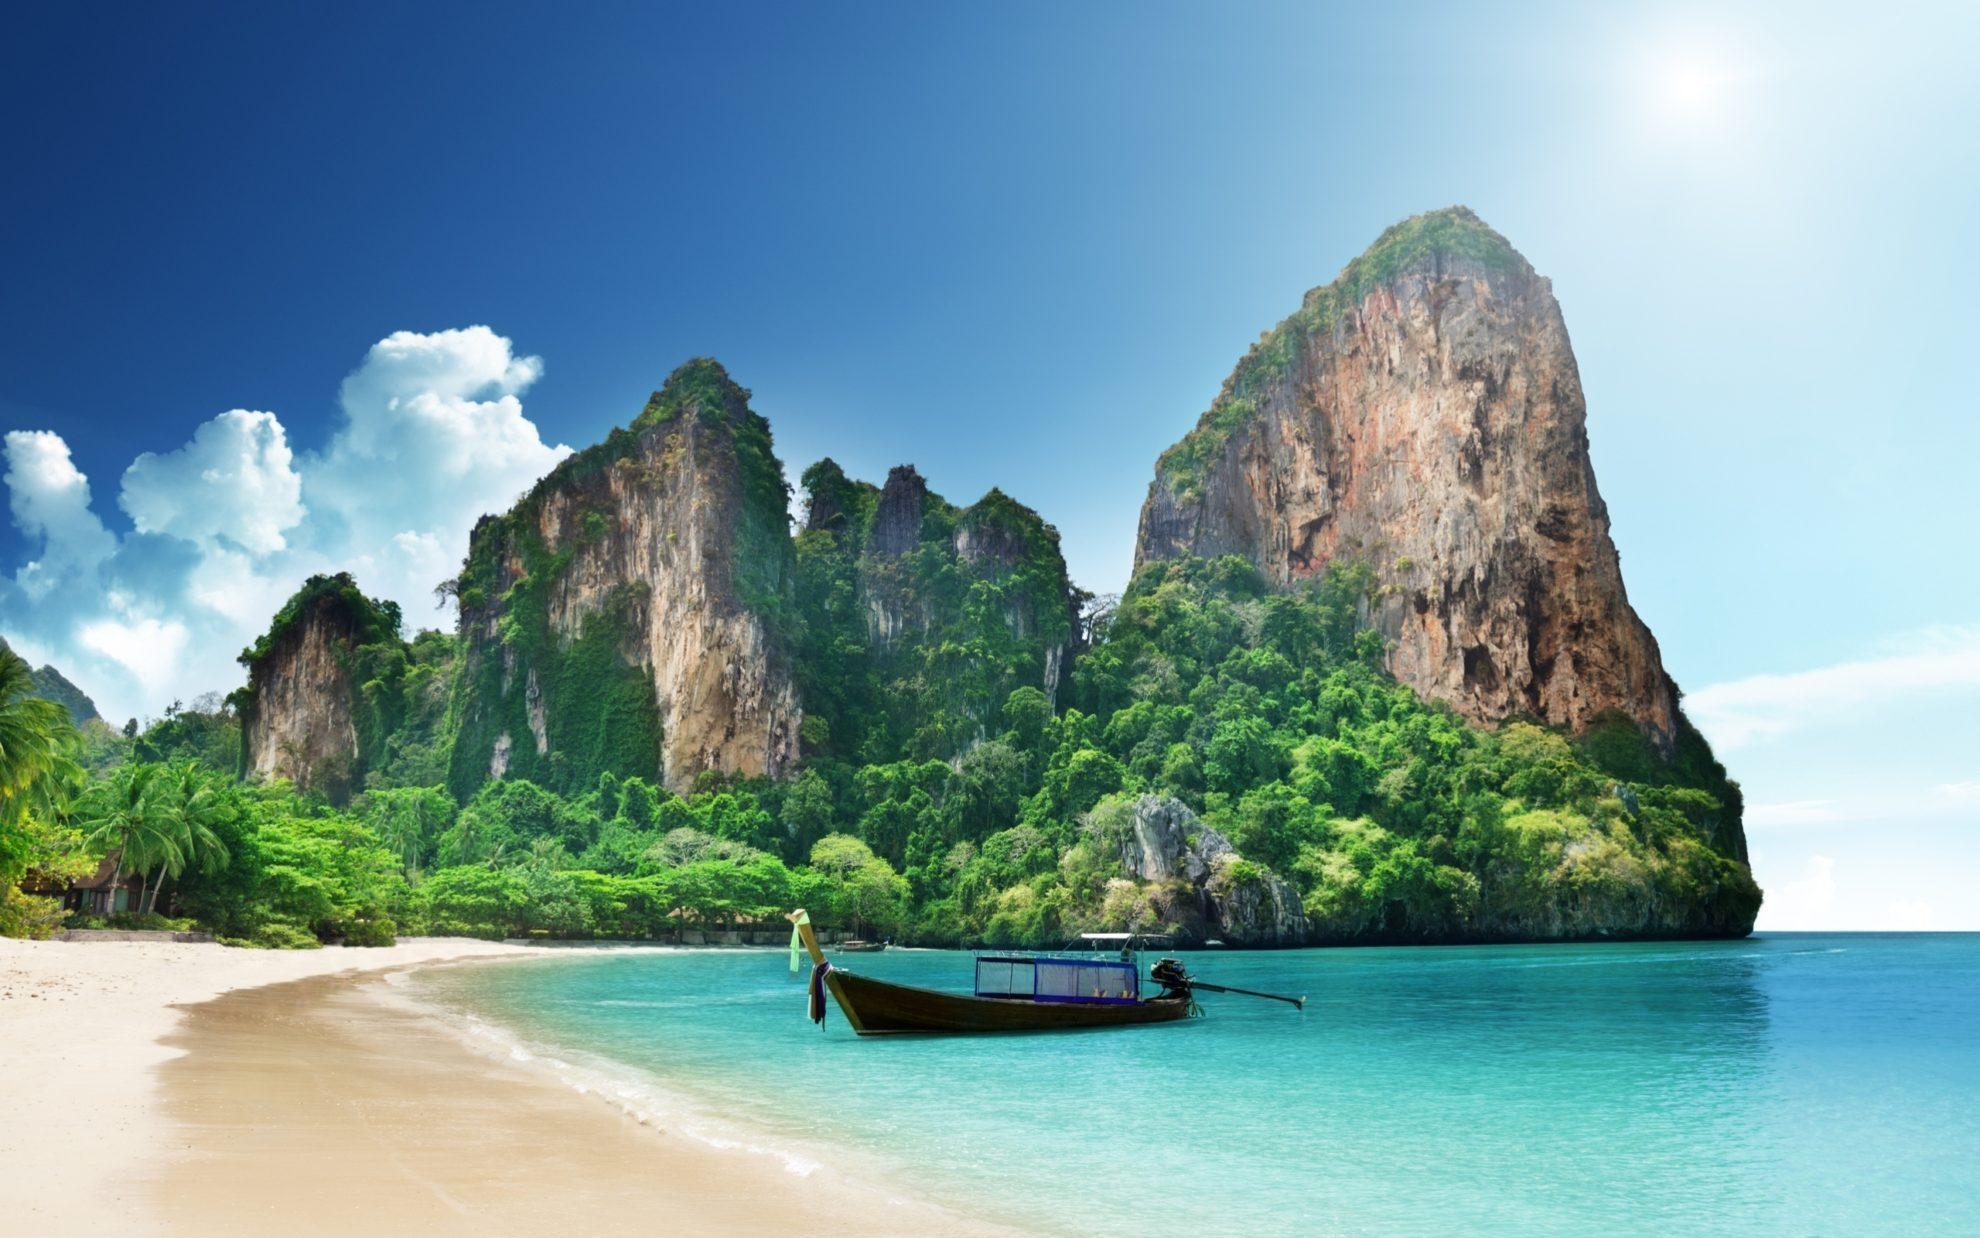 Андаманское море. Таиланд